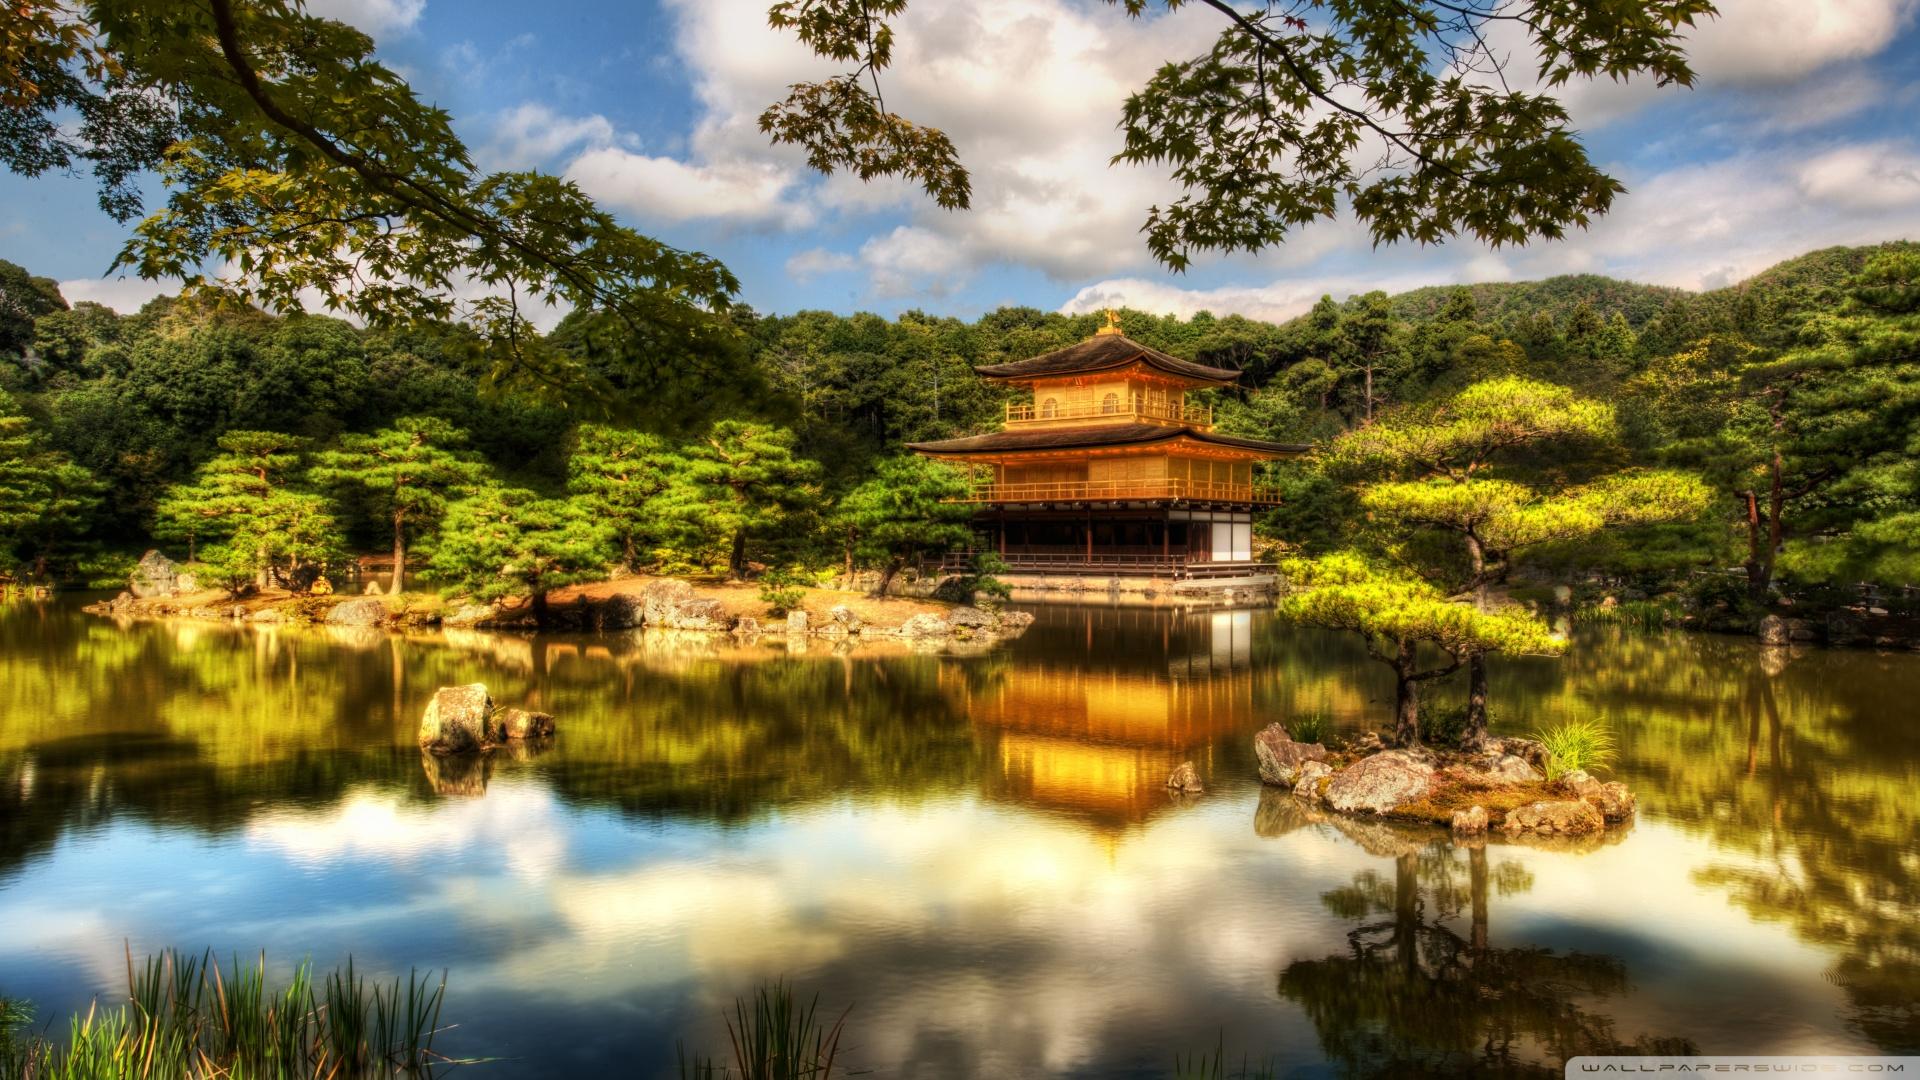 Golden Pavilion Kyoto Wallpaper 1920x1080 The Golden Pavilion Kyoto 1920x1080